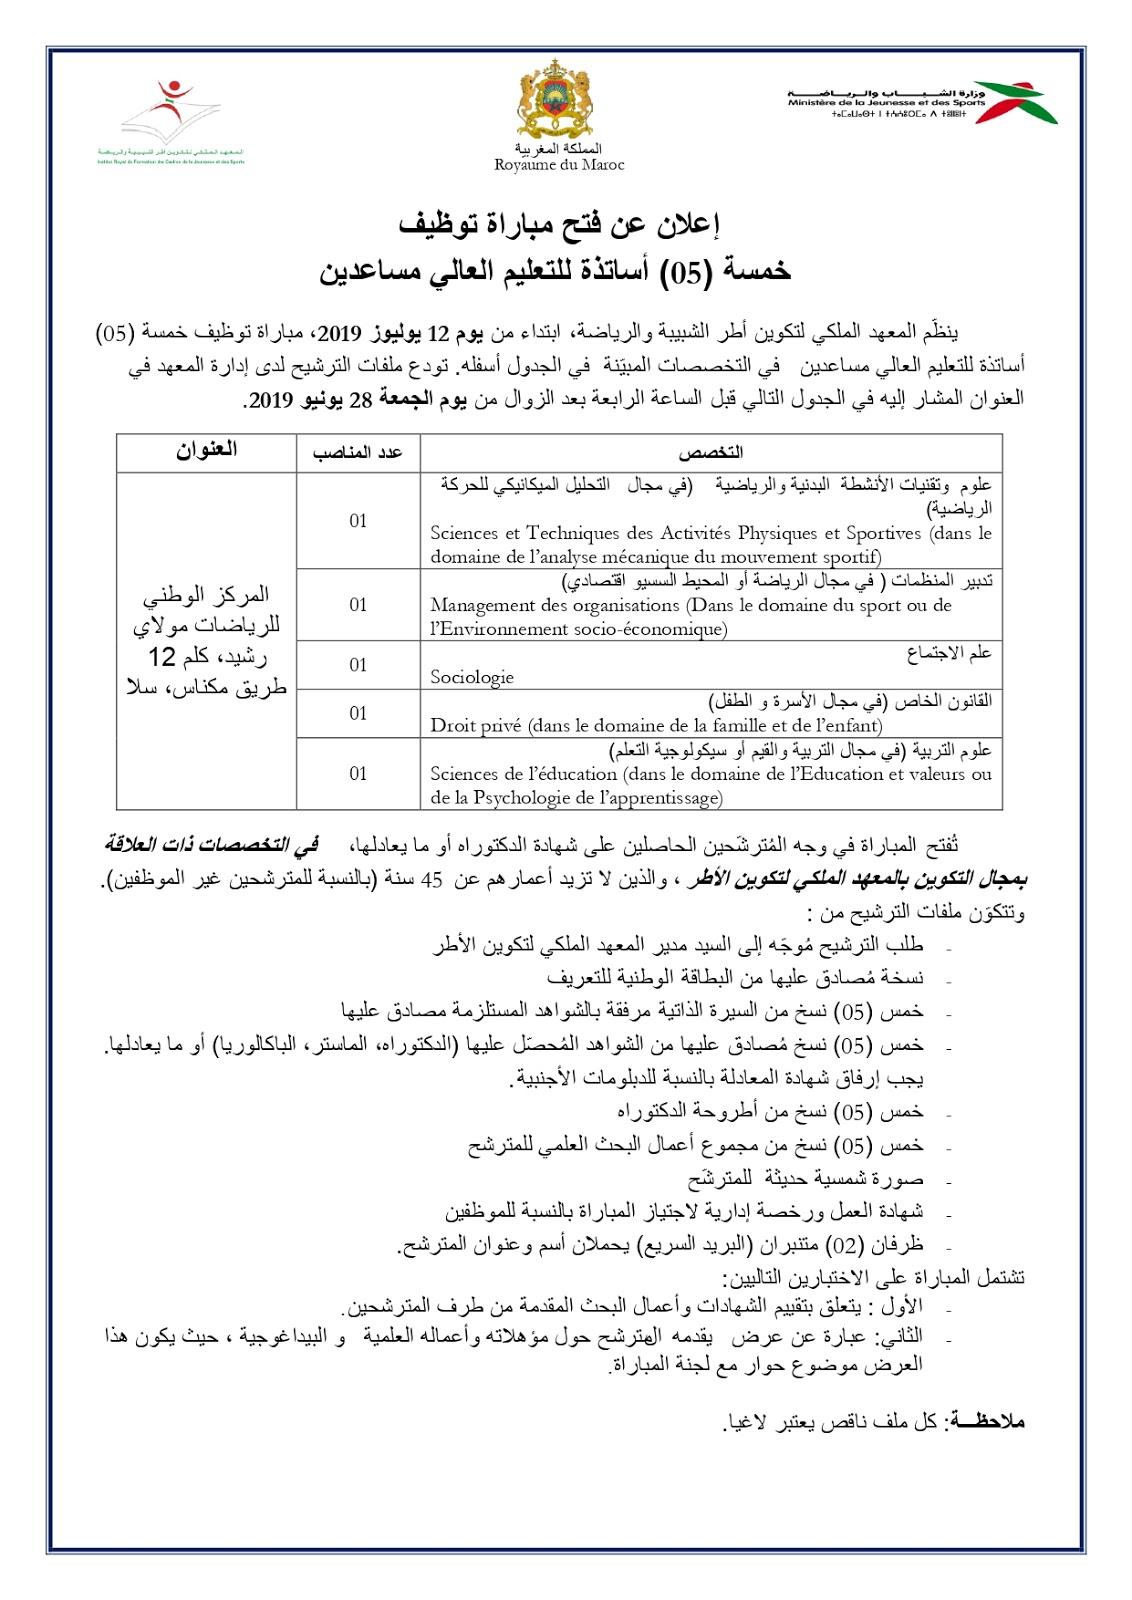 وزارة الشباب والرياضة مباراة لتوظيف 05 أساتذة التعليم العالي مساعدين آخر أجل 28 يونيو 2019